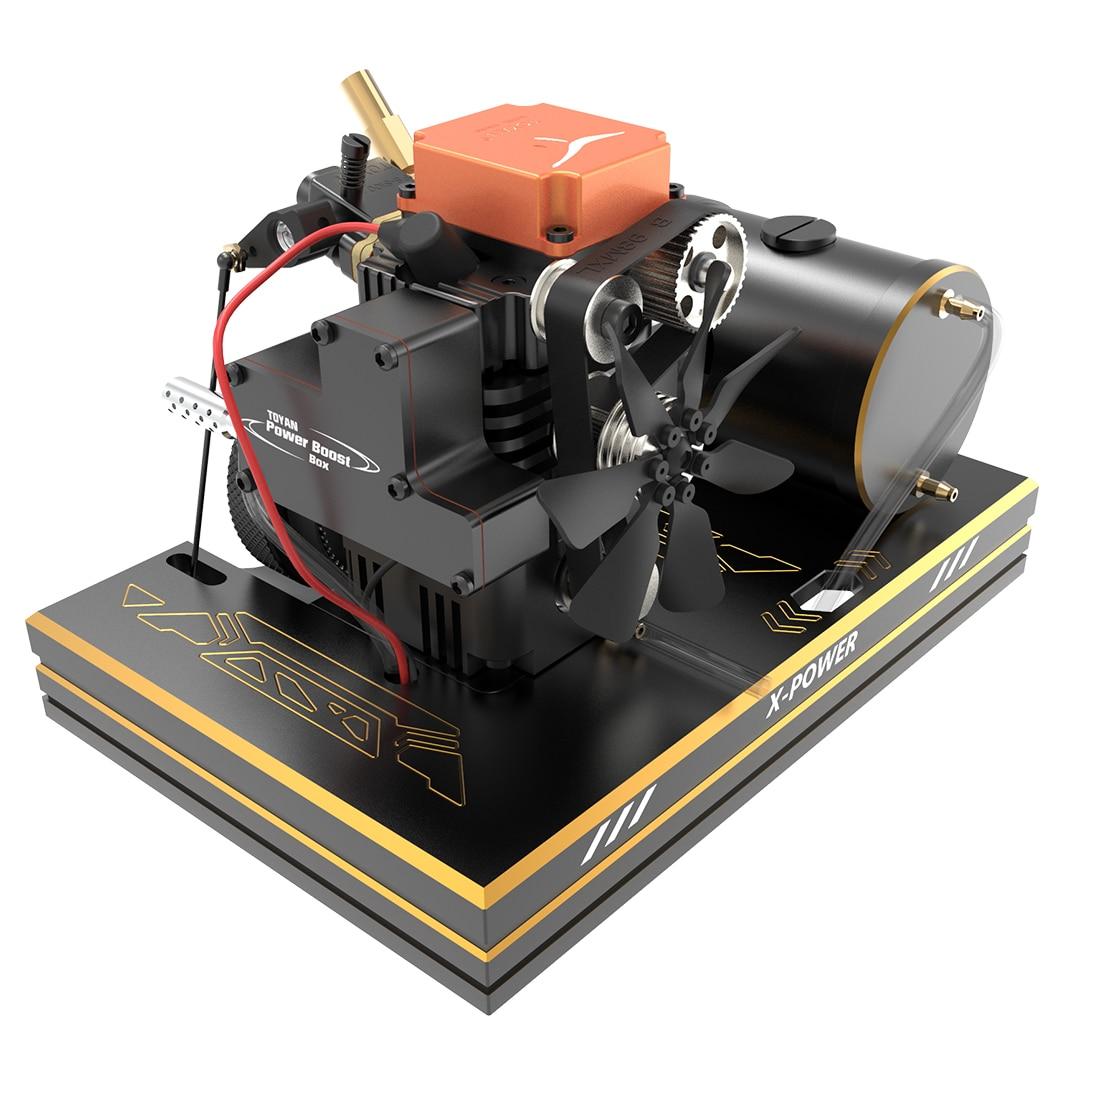 Toyan четырехтактный FS-S100A для метанола, комплект двигателя с базовым топливным баком, батарейка, пусковая головка ESC с горячей головкой, колпа...